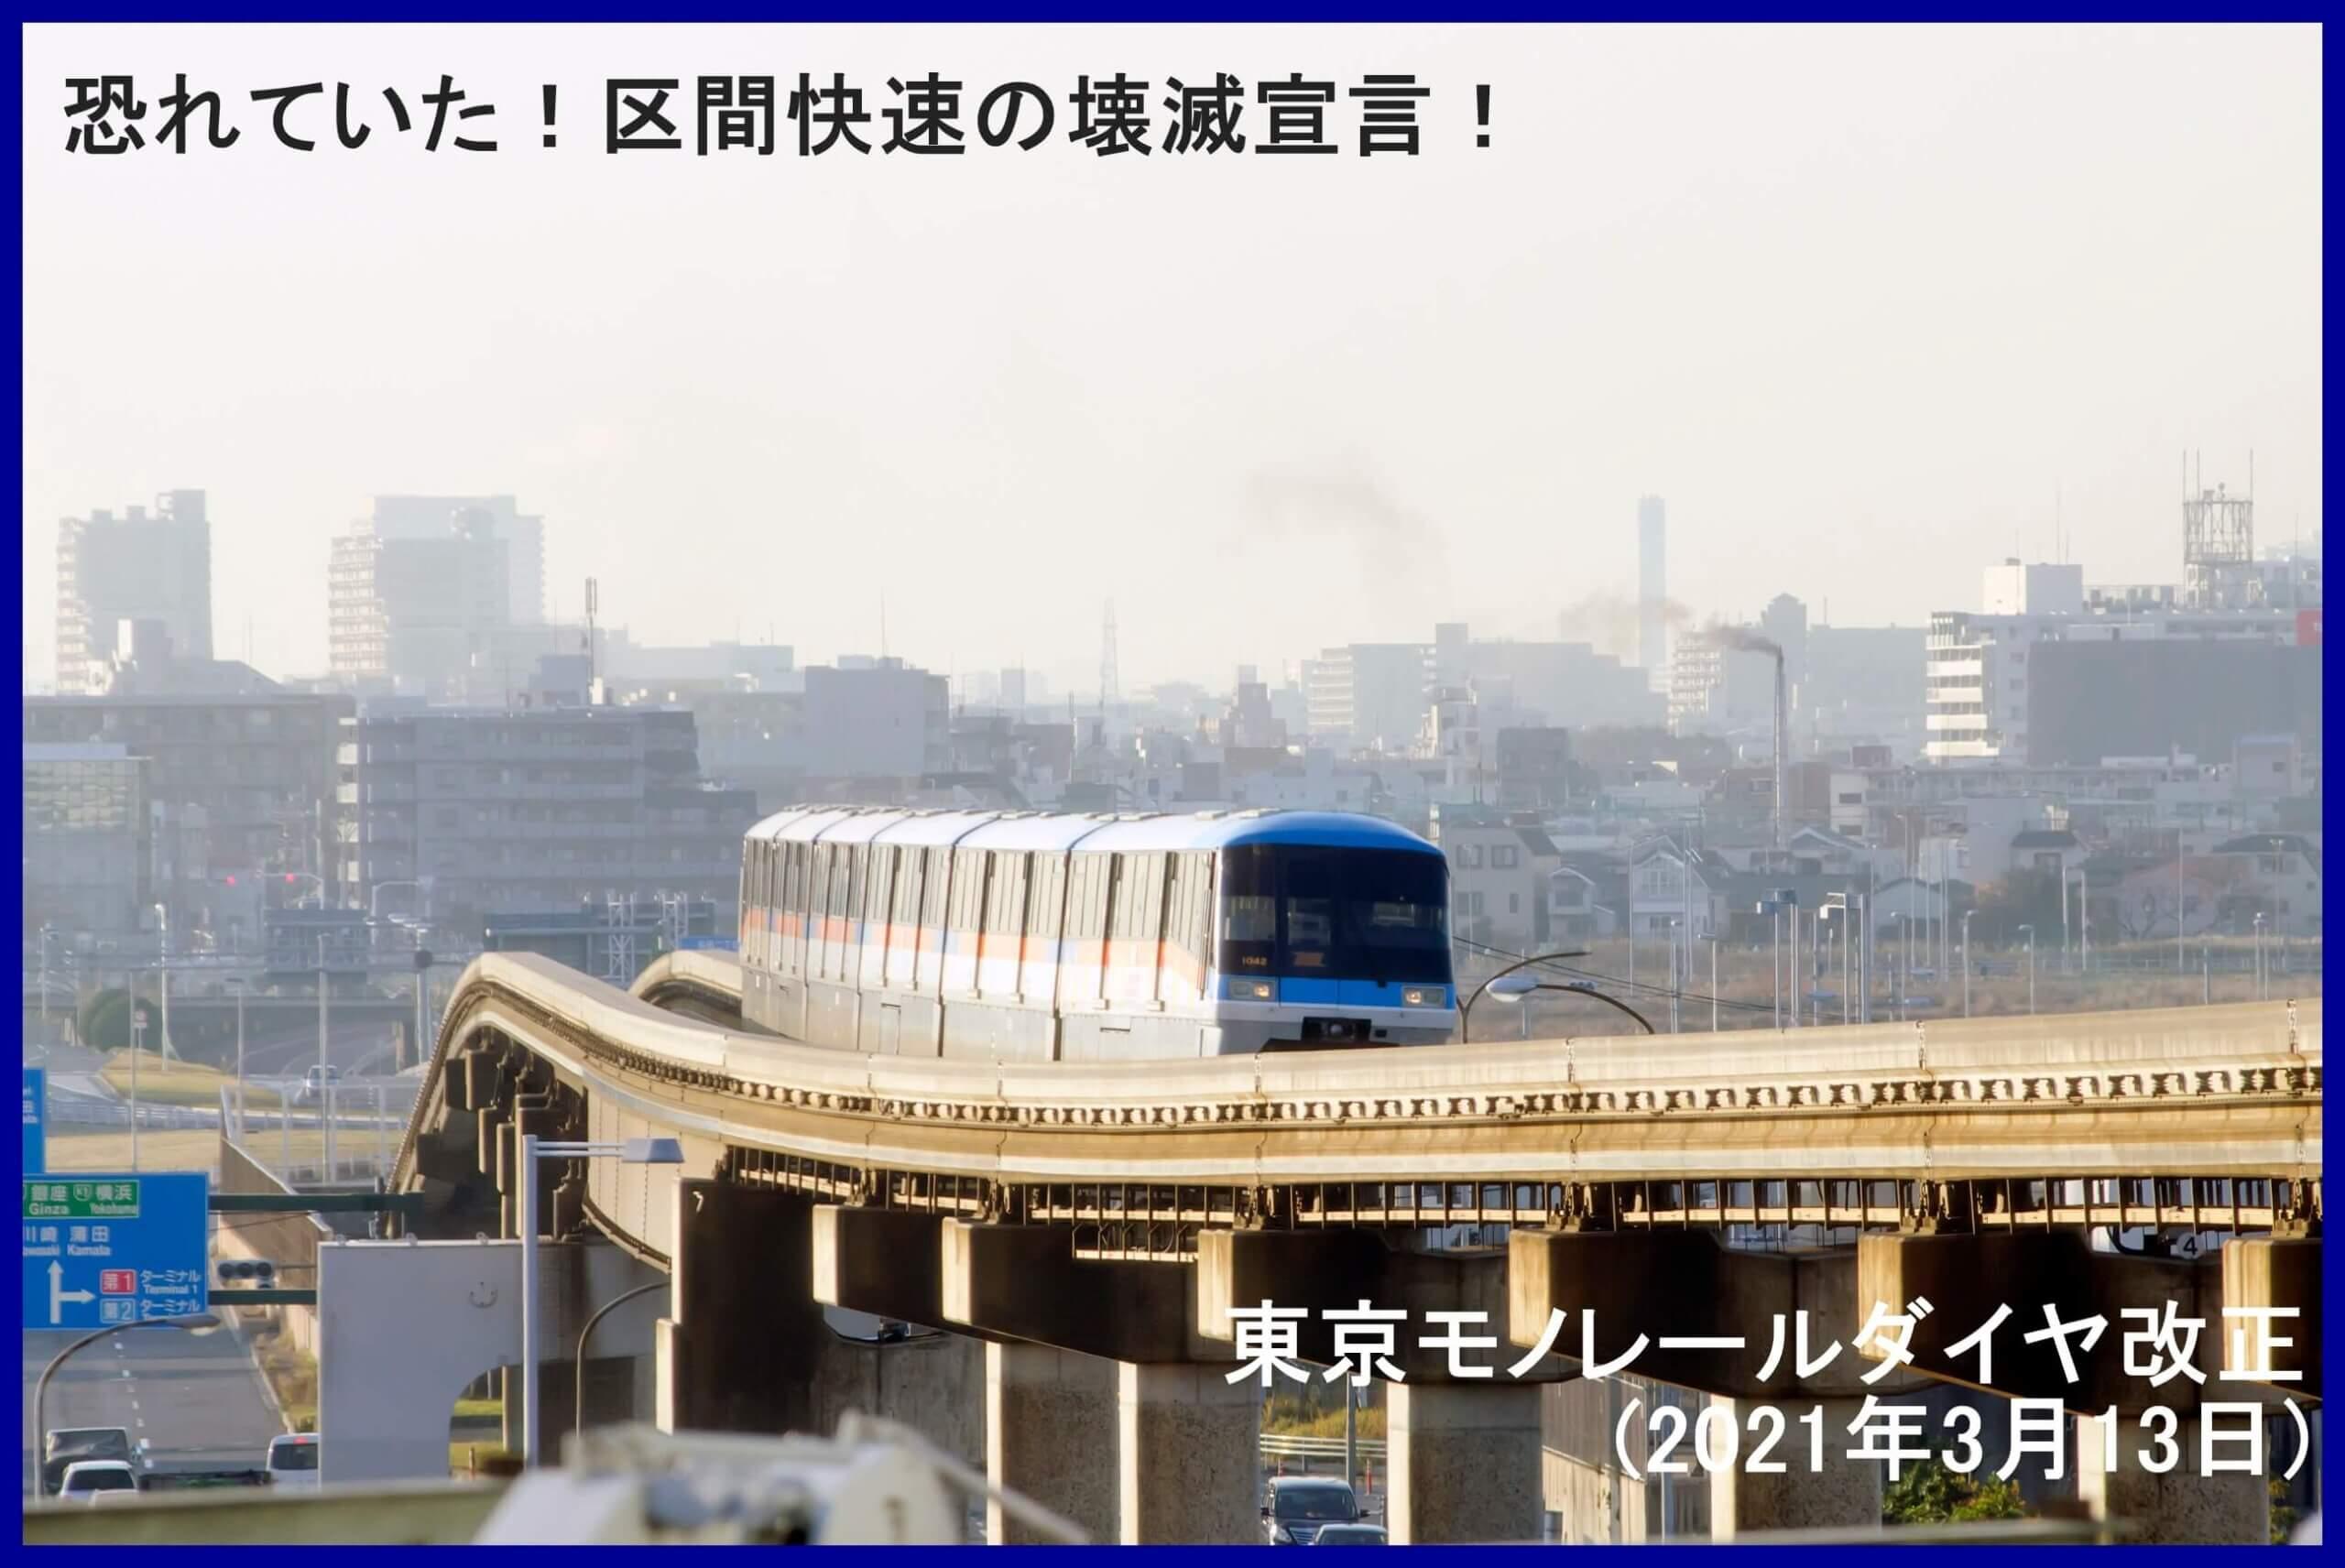 恐れていた!区間快速の壊滅宣言! 東京モノレールダイヤ改正(2021年3月13日)